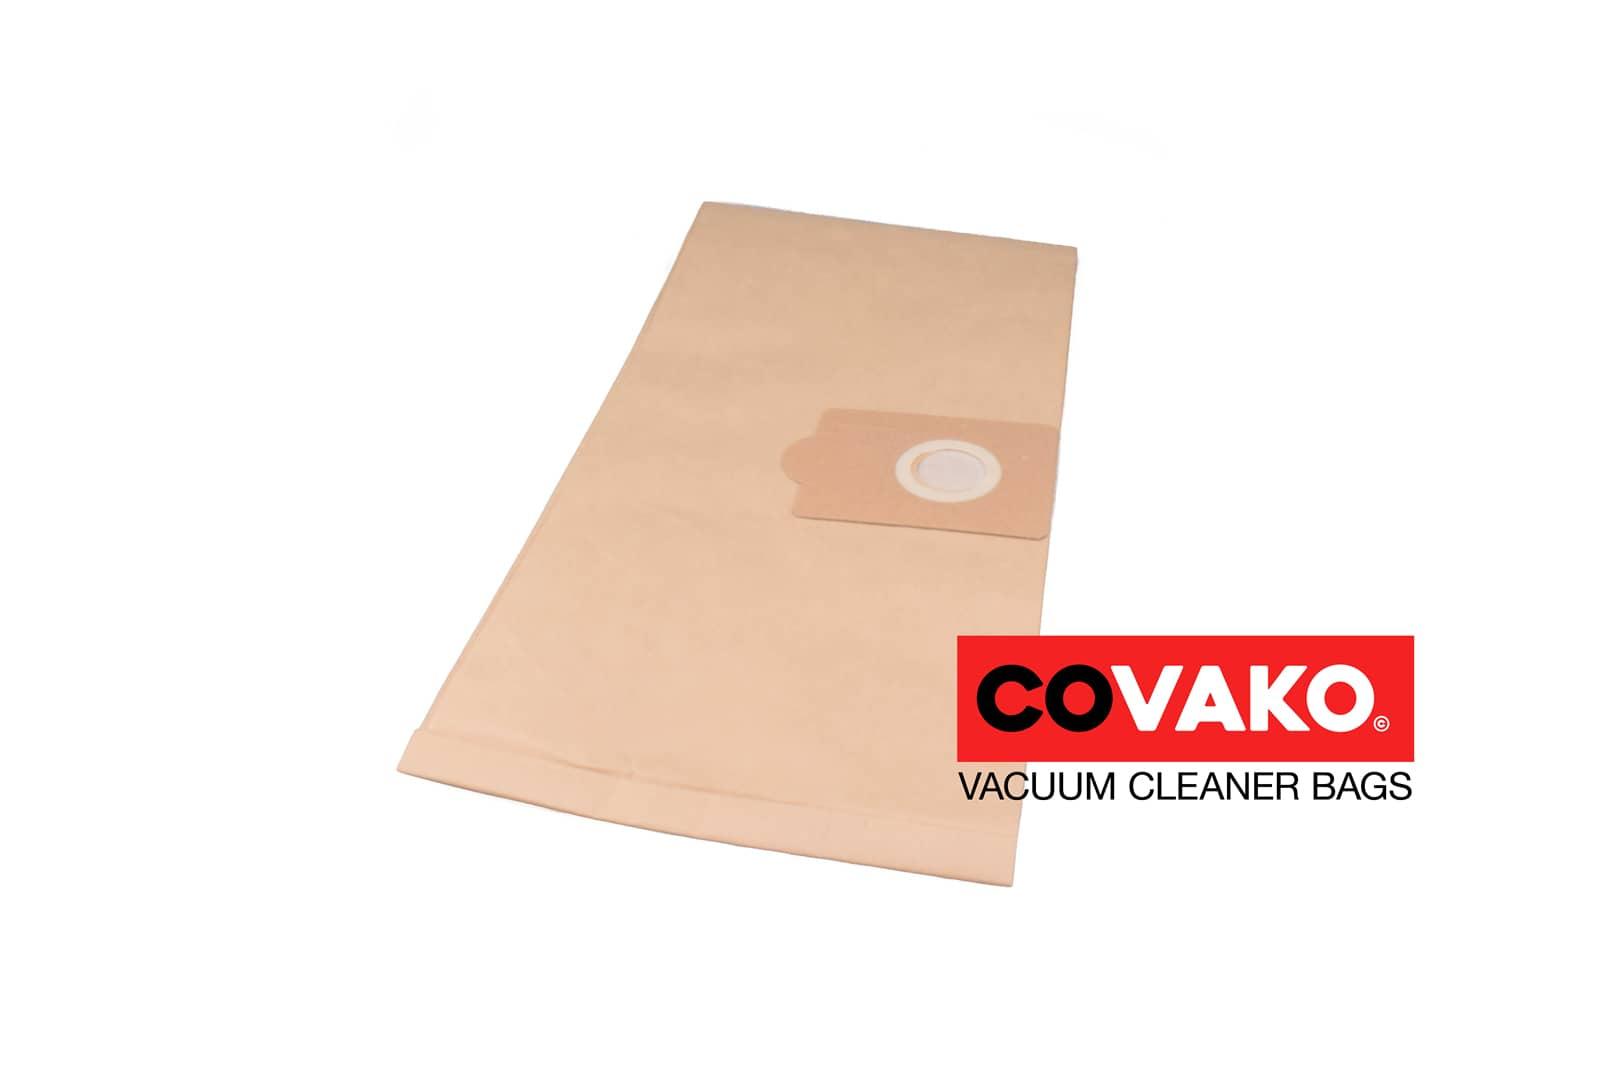 Comac Silent 25 / Papier - Comac sacs d'aspirateur